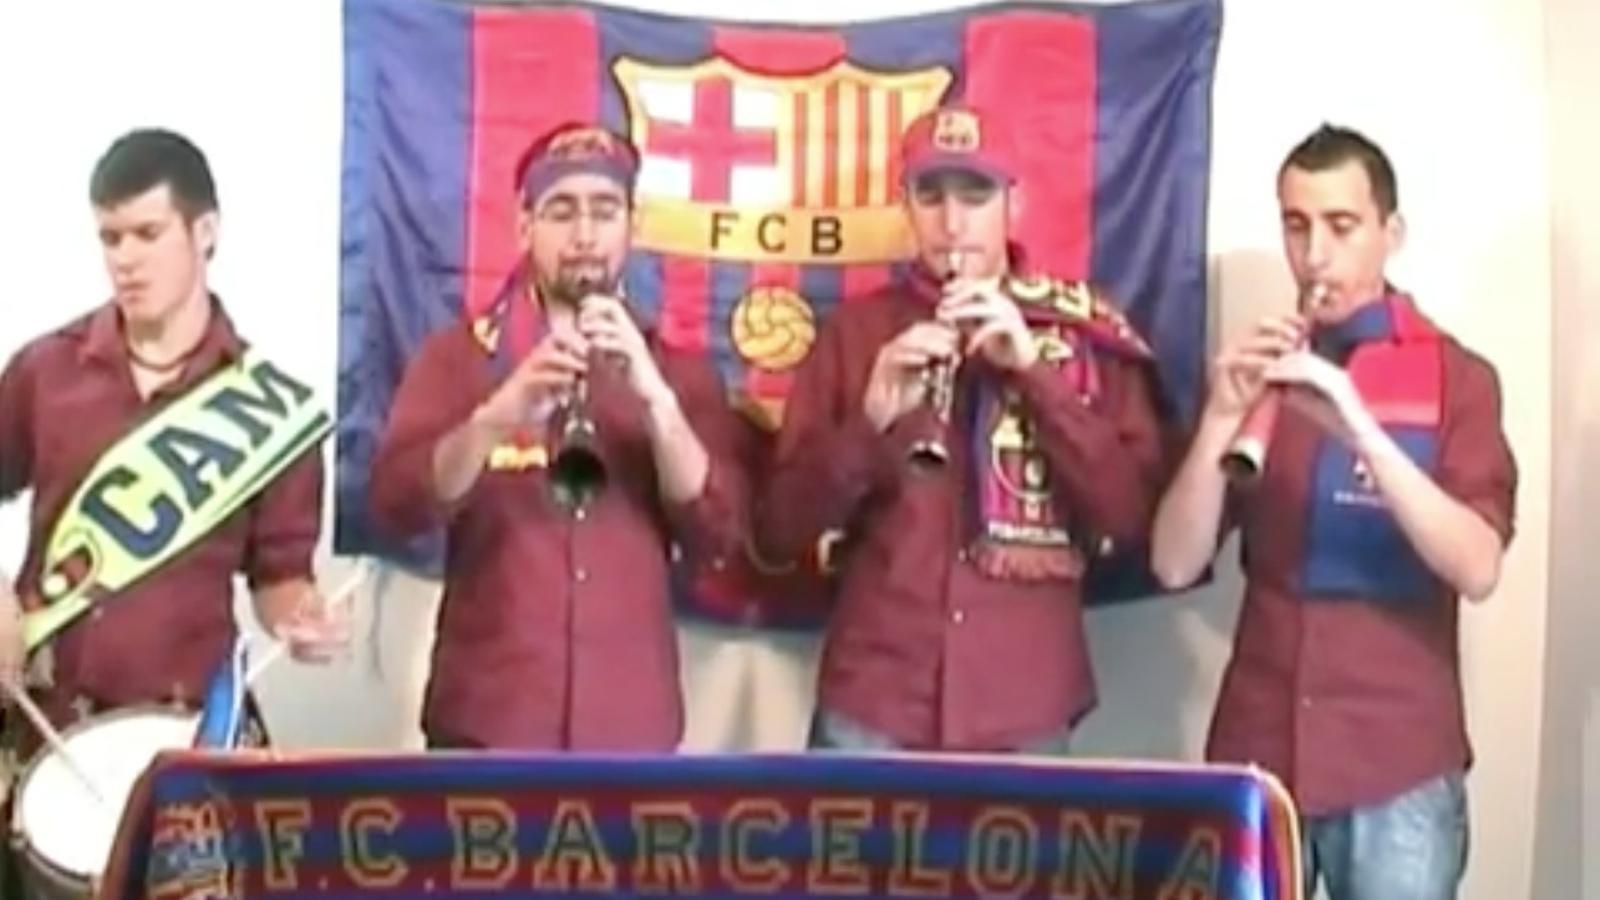 El grup de grallers Els Laietans interpreta l'himne del Barça